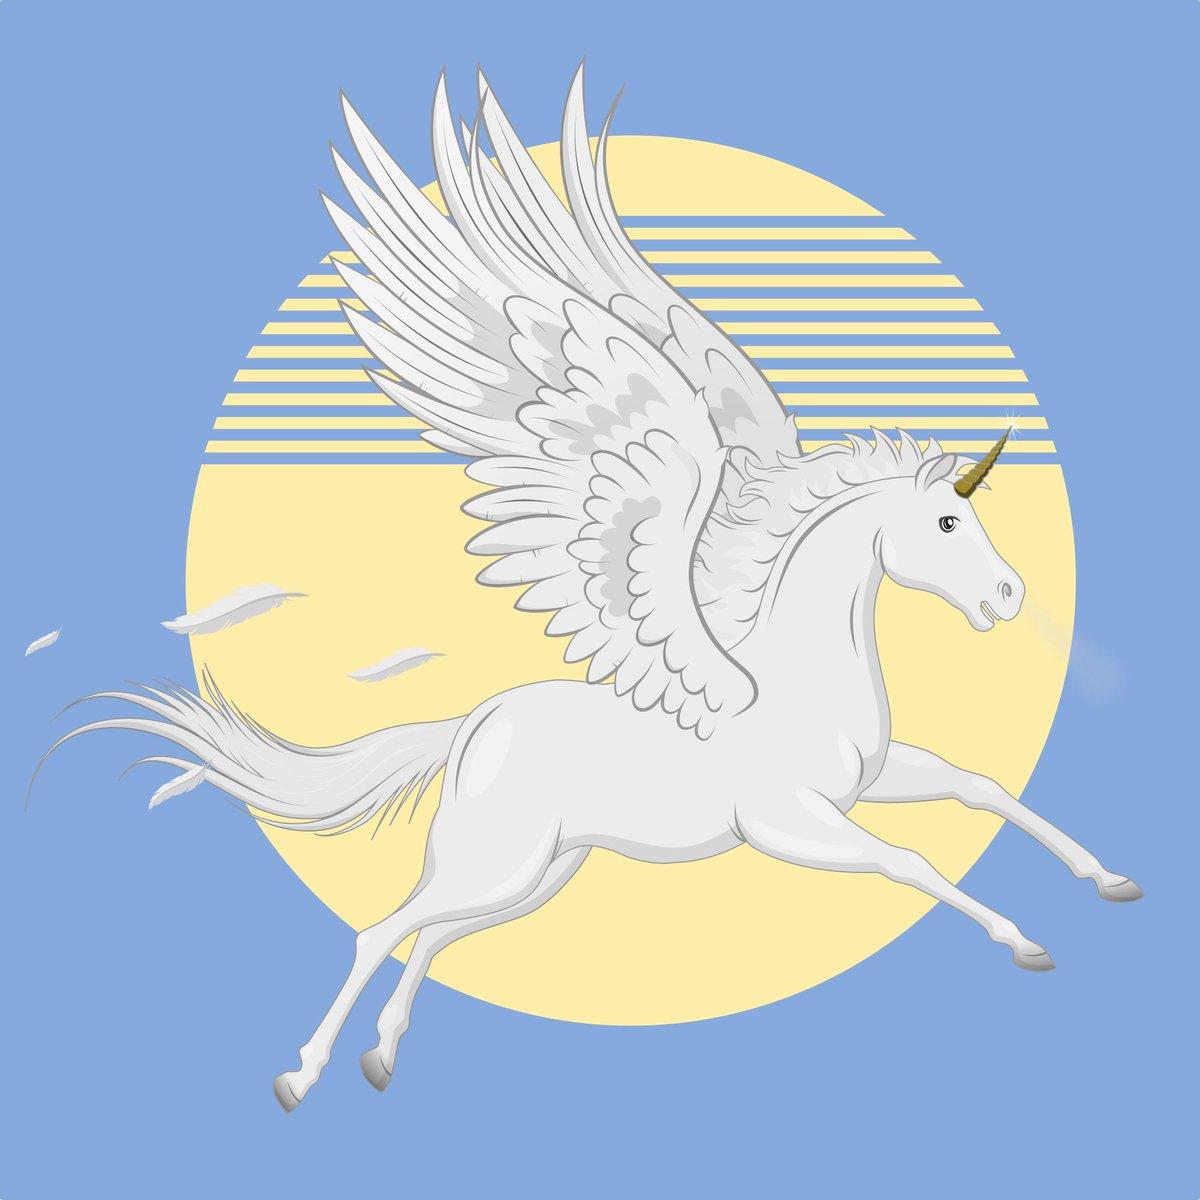 Pegaso Imagen realizado enteramente en el programa vectorial Inkscape. . #digitalart #diseñografico #freelancer #peinture #vectorart #illiustration #art #caballo #ilustracion #inkscape #pegasus #svg #vector #Pegaso